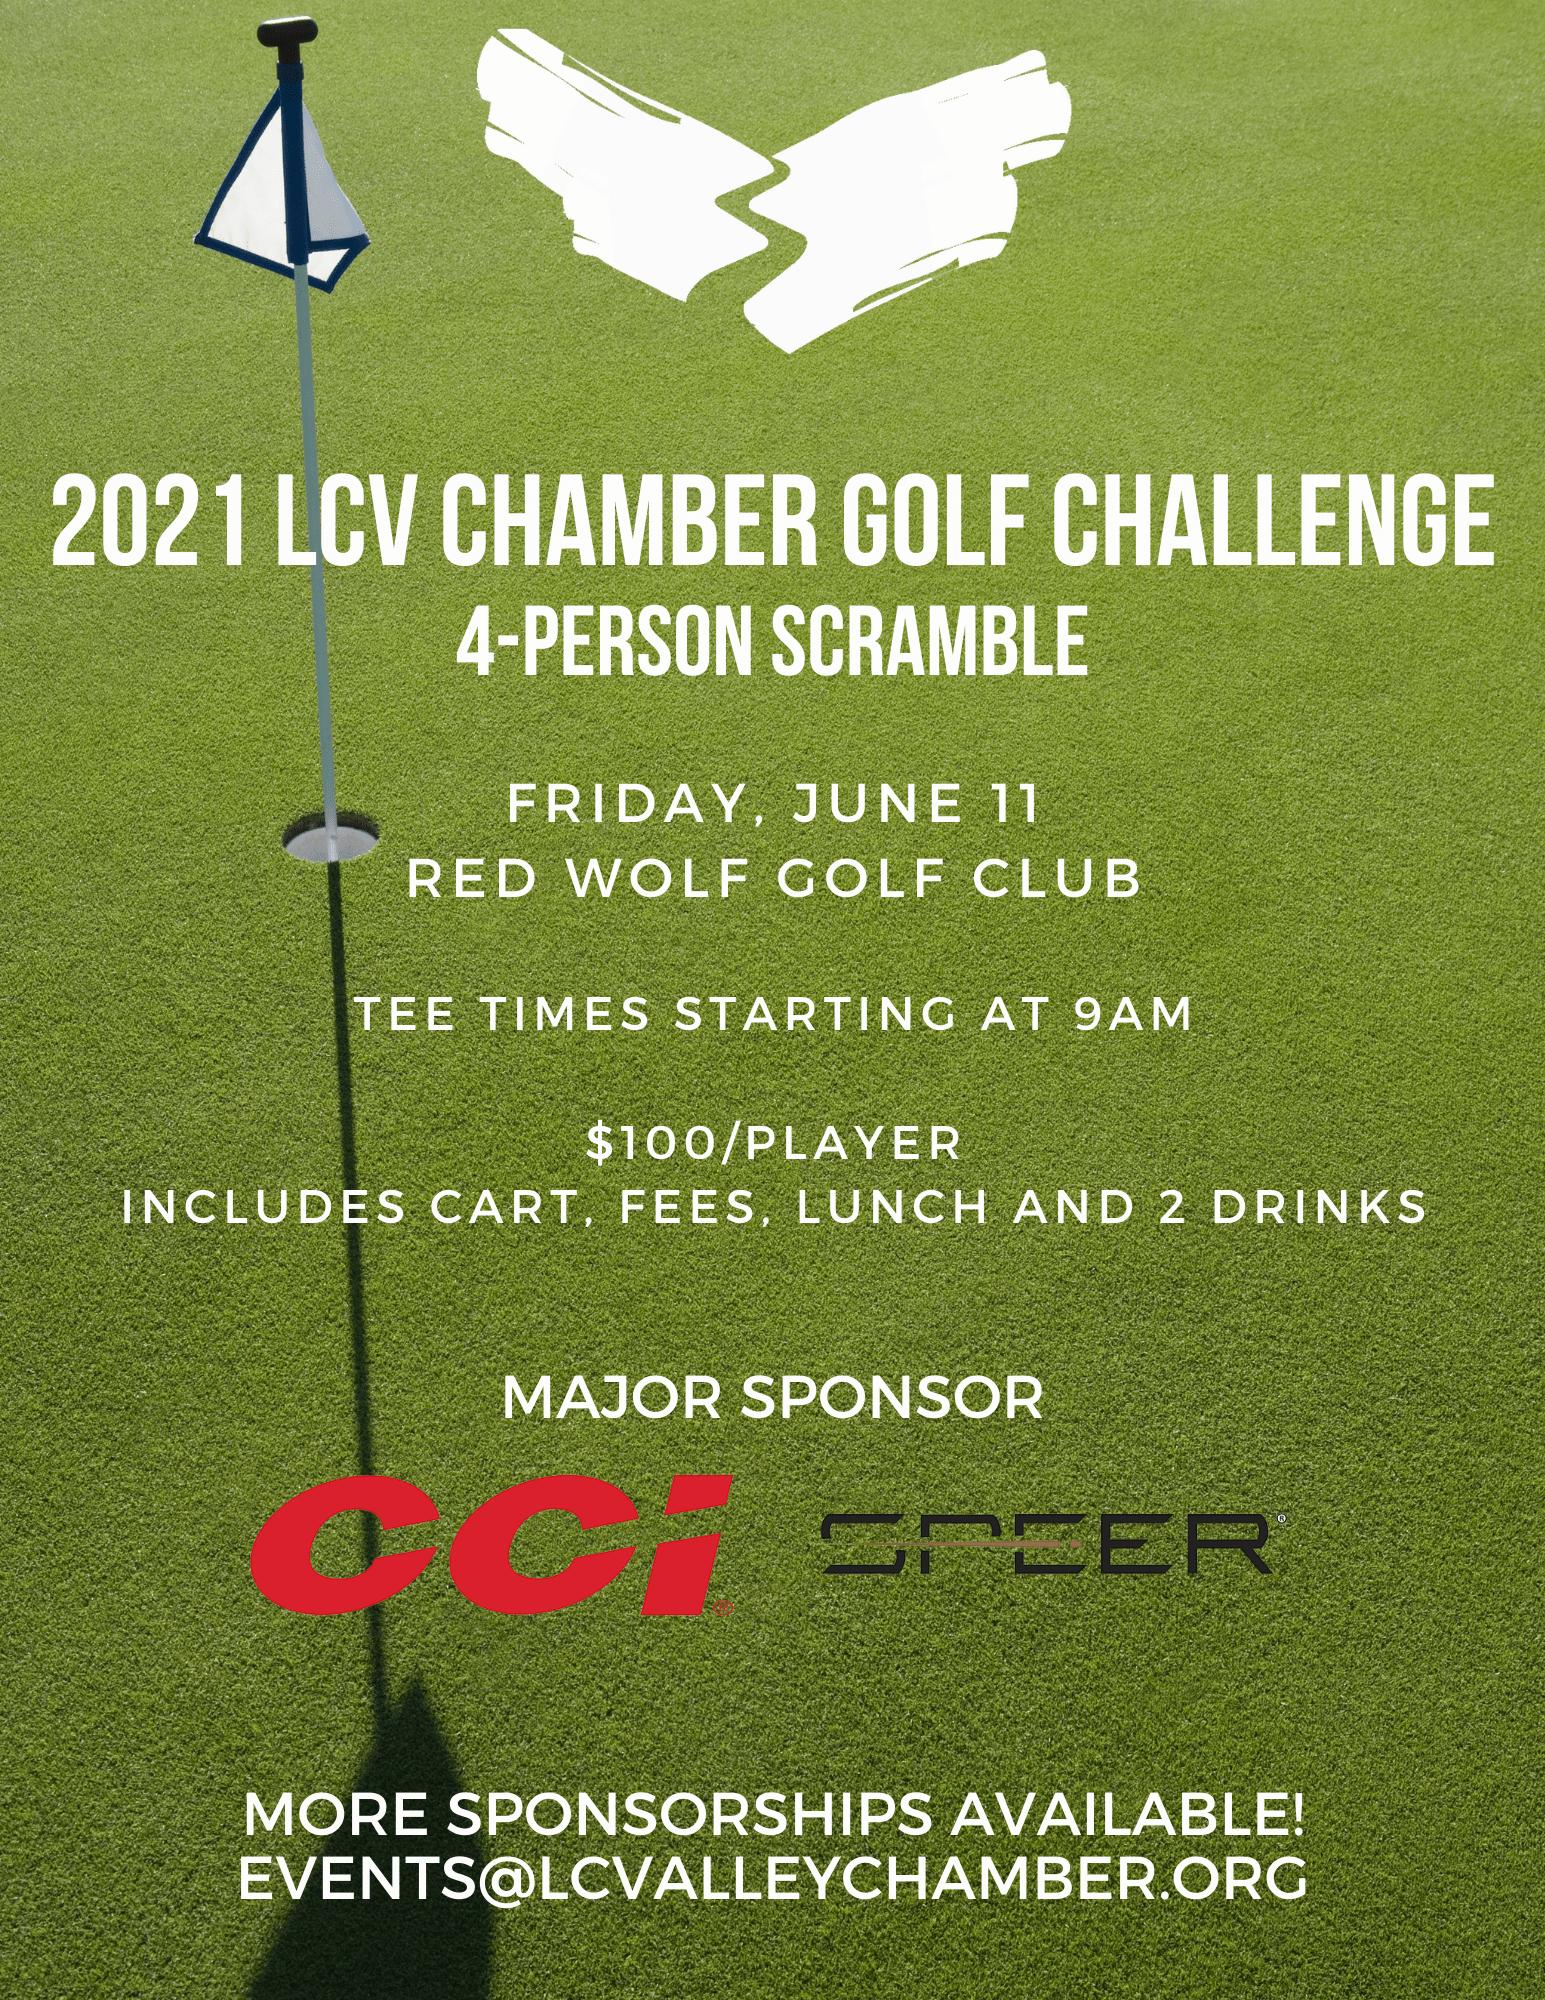 2021 lcv chamber golf challenge (1)